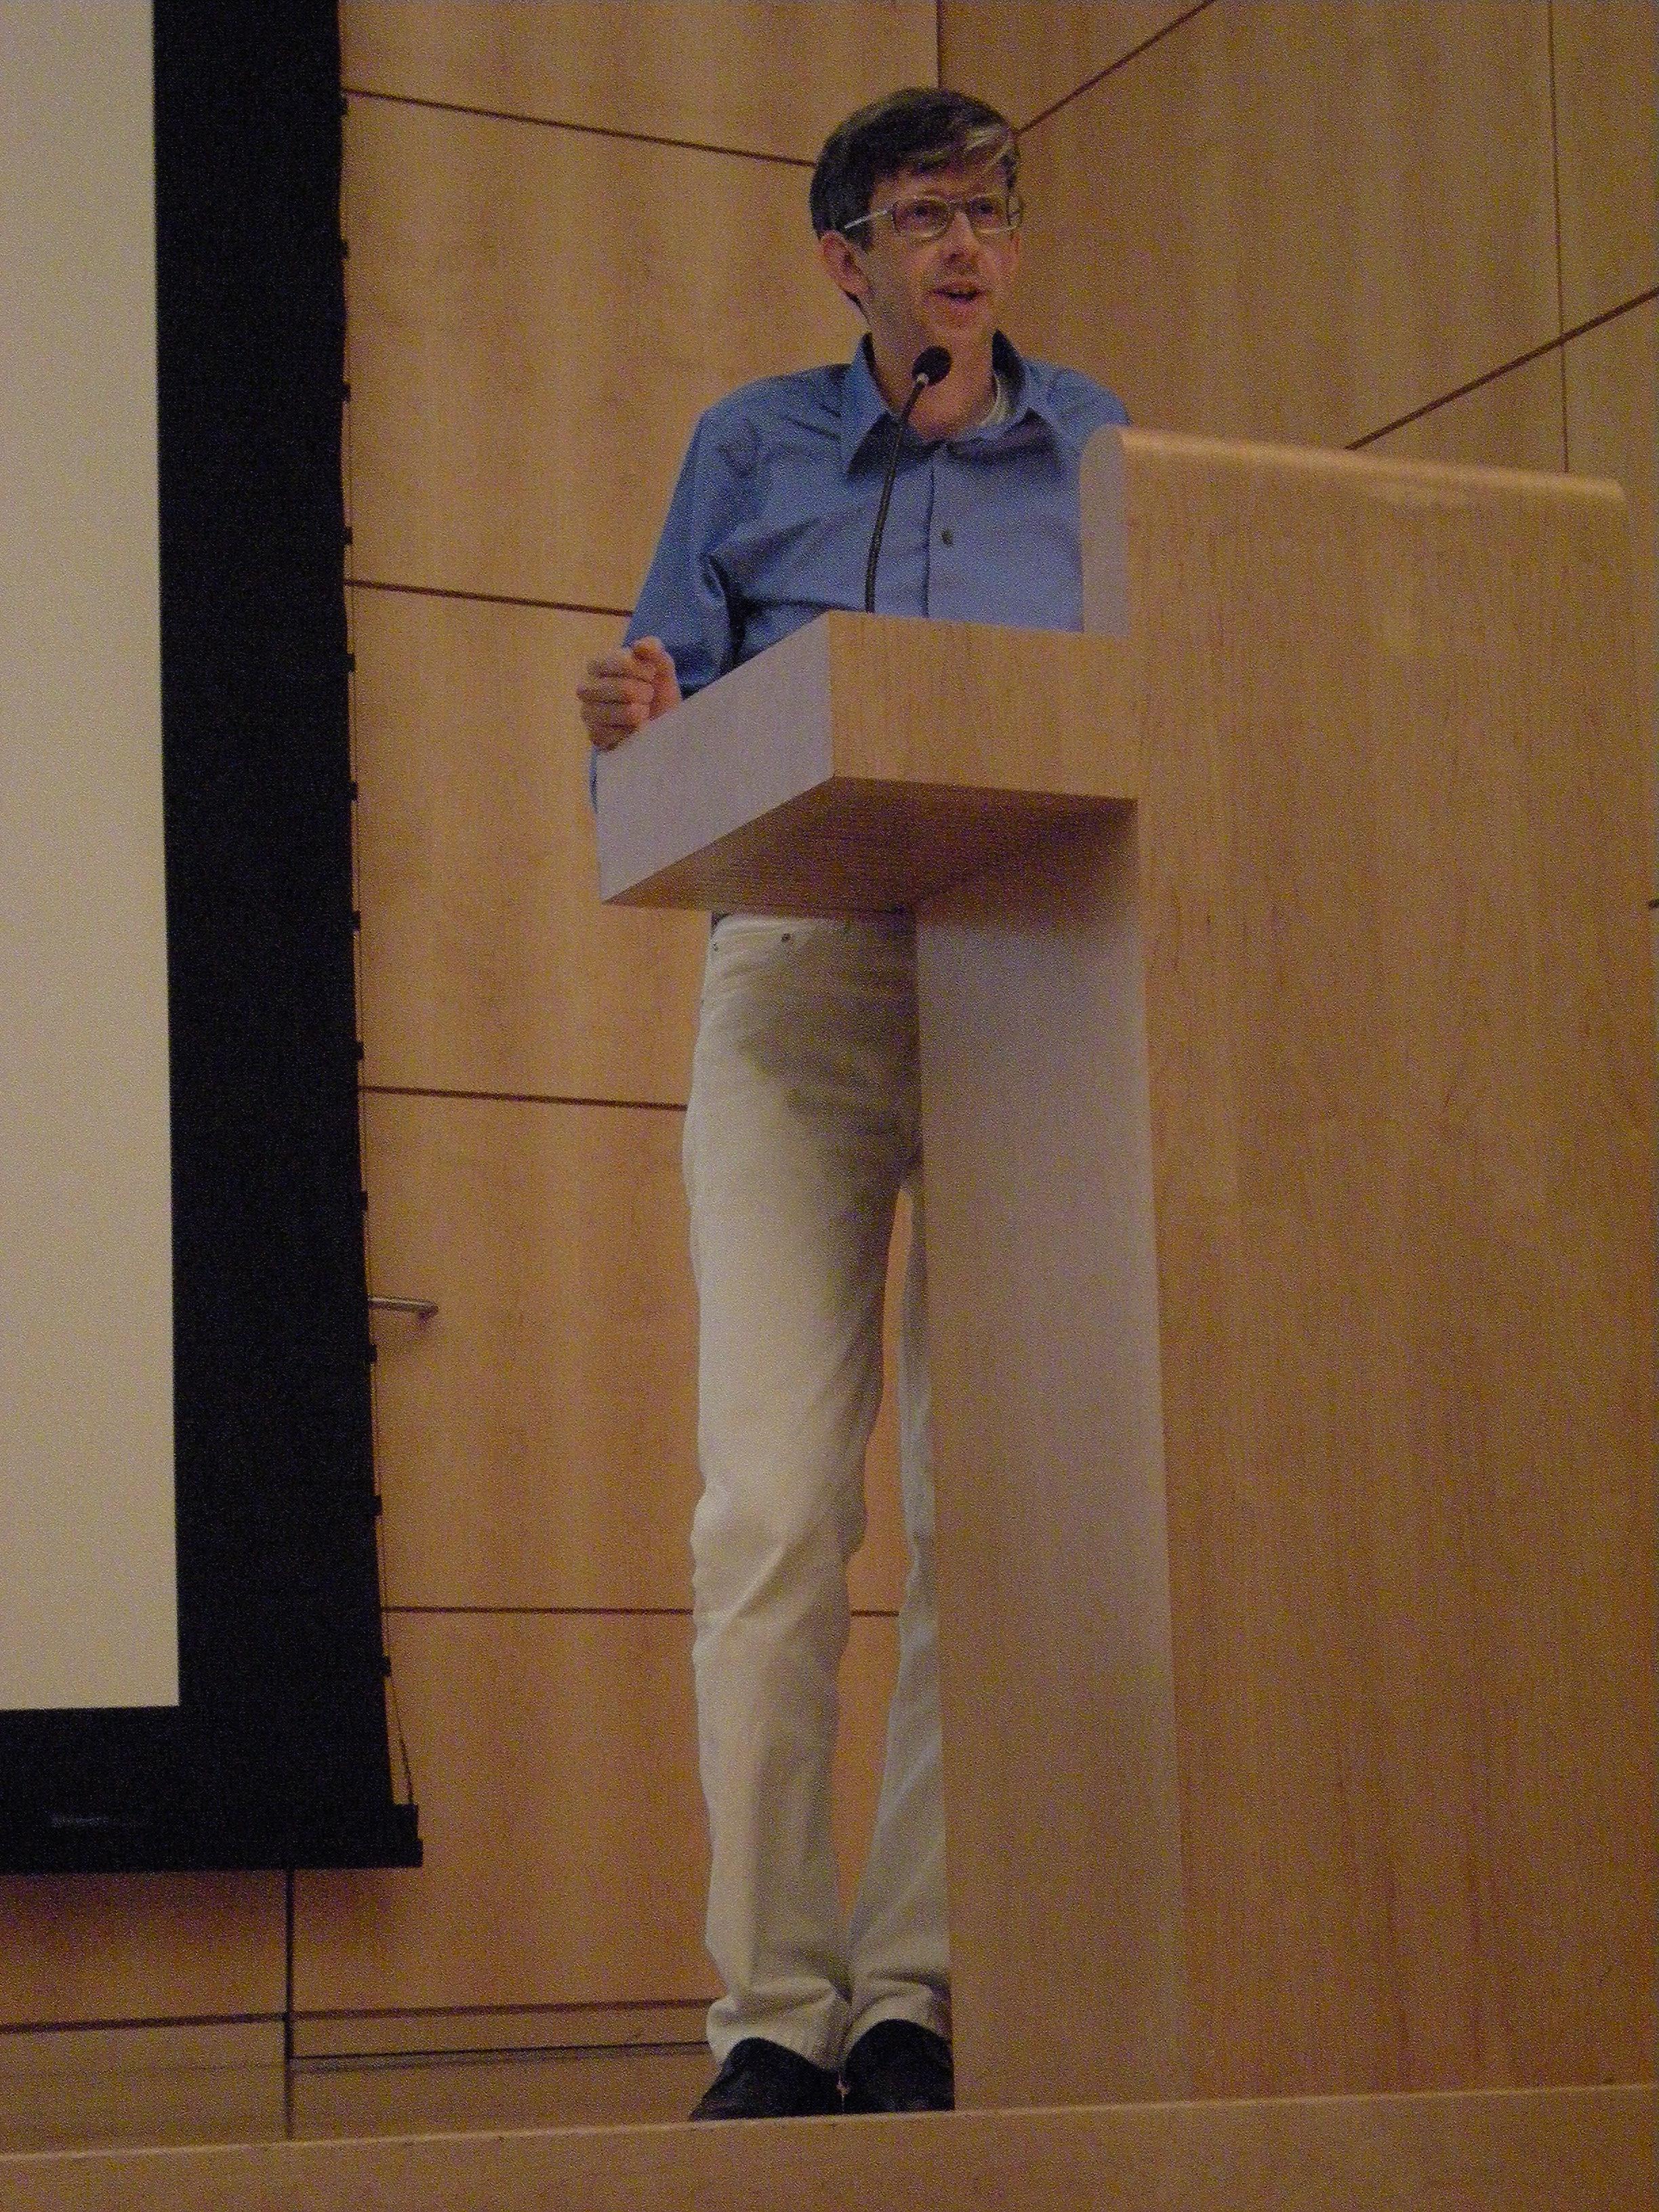 Image of Matthew Buckingham from Wikidata